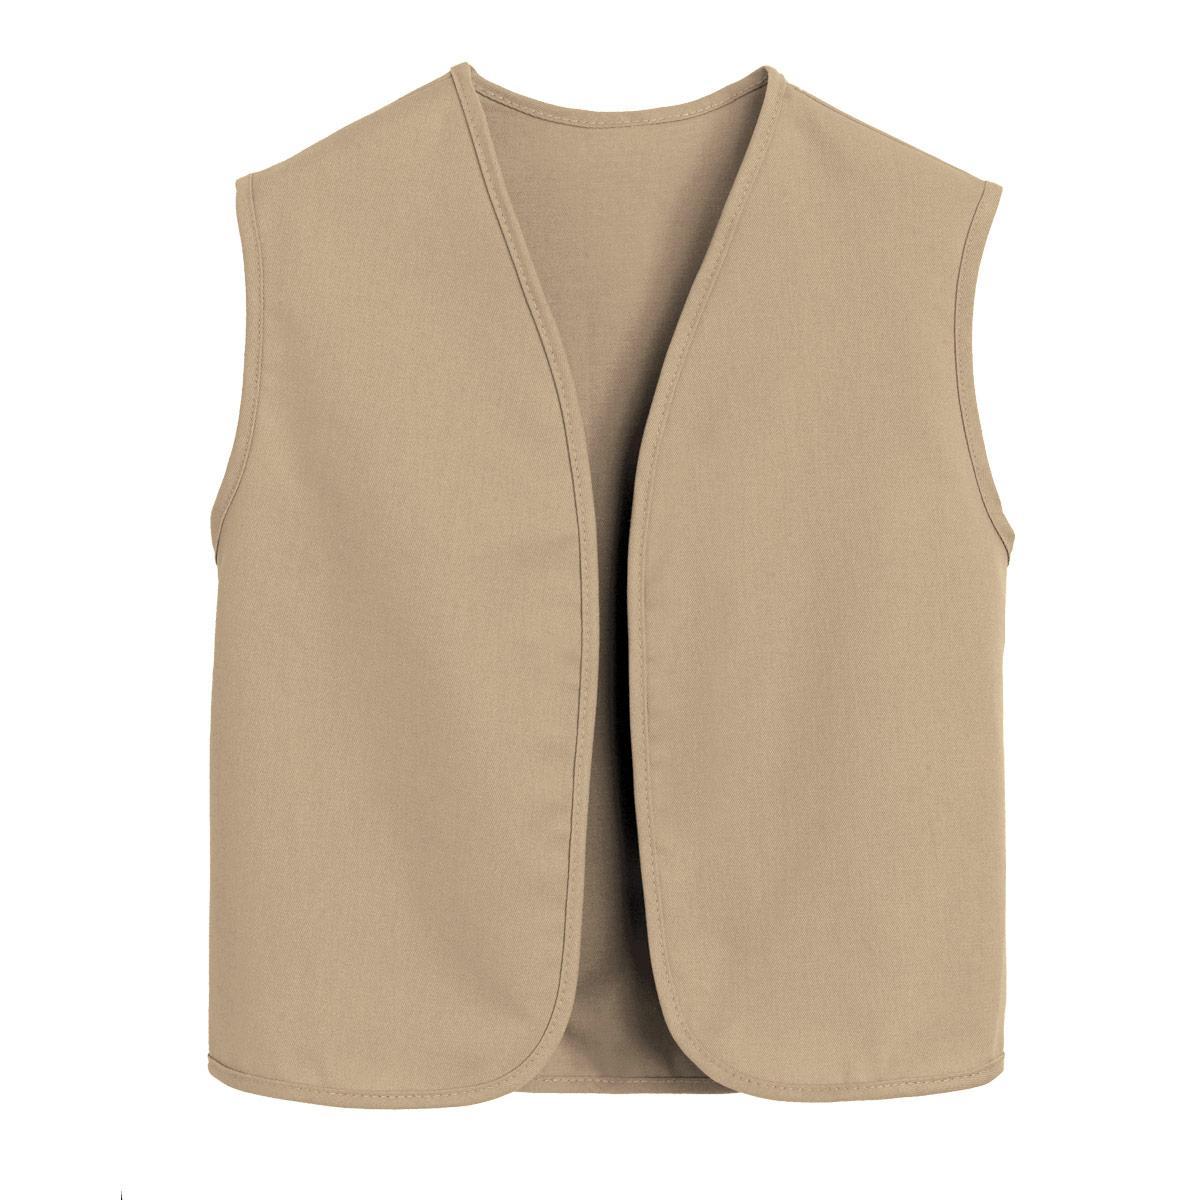 Cadette, Senior And Ambassador Vest